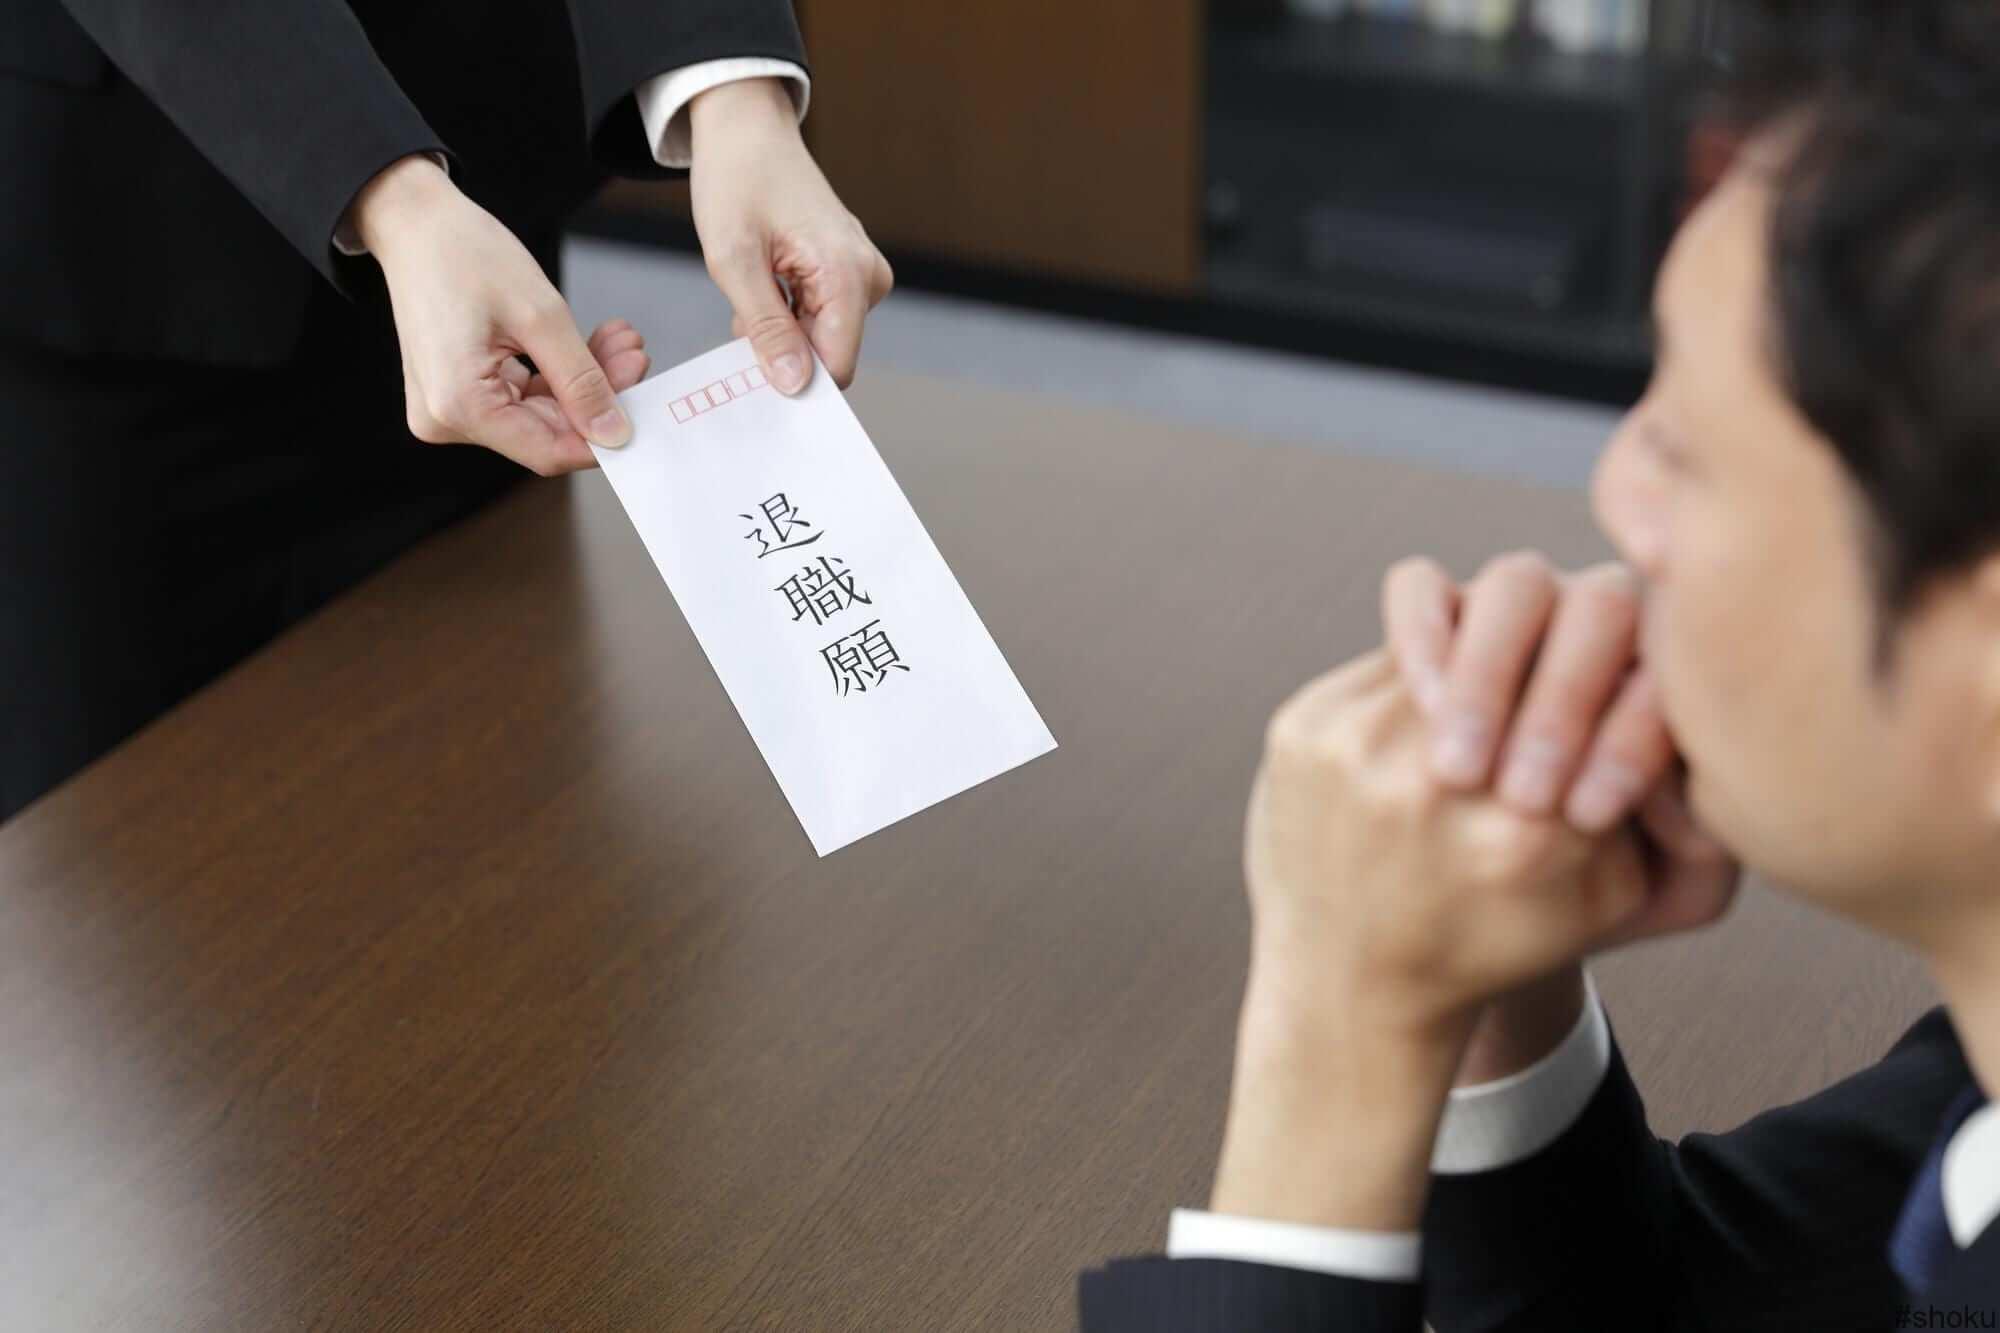 退職願いを上司に提出する派遣事務社員